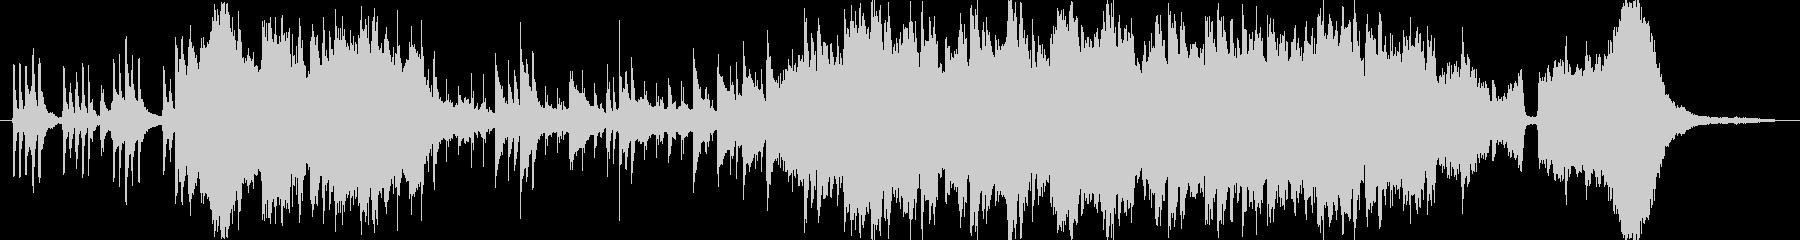 切なく情緒のある琴の和風BGMの未再生の波形